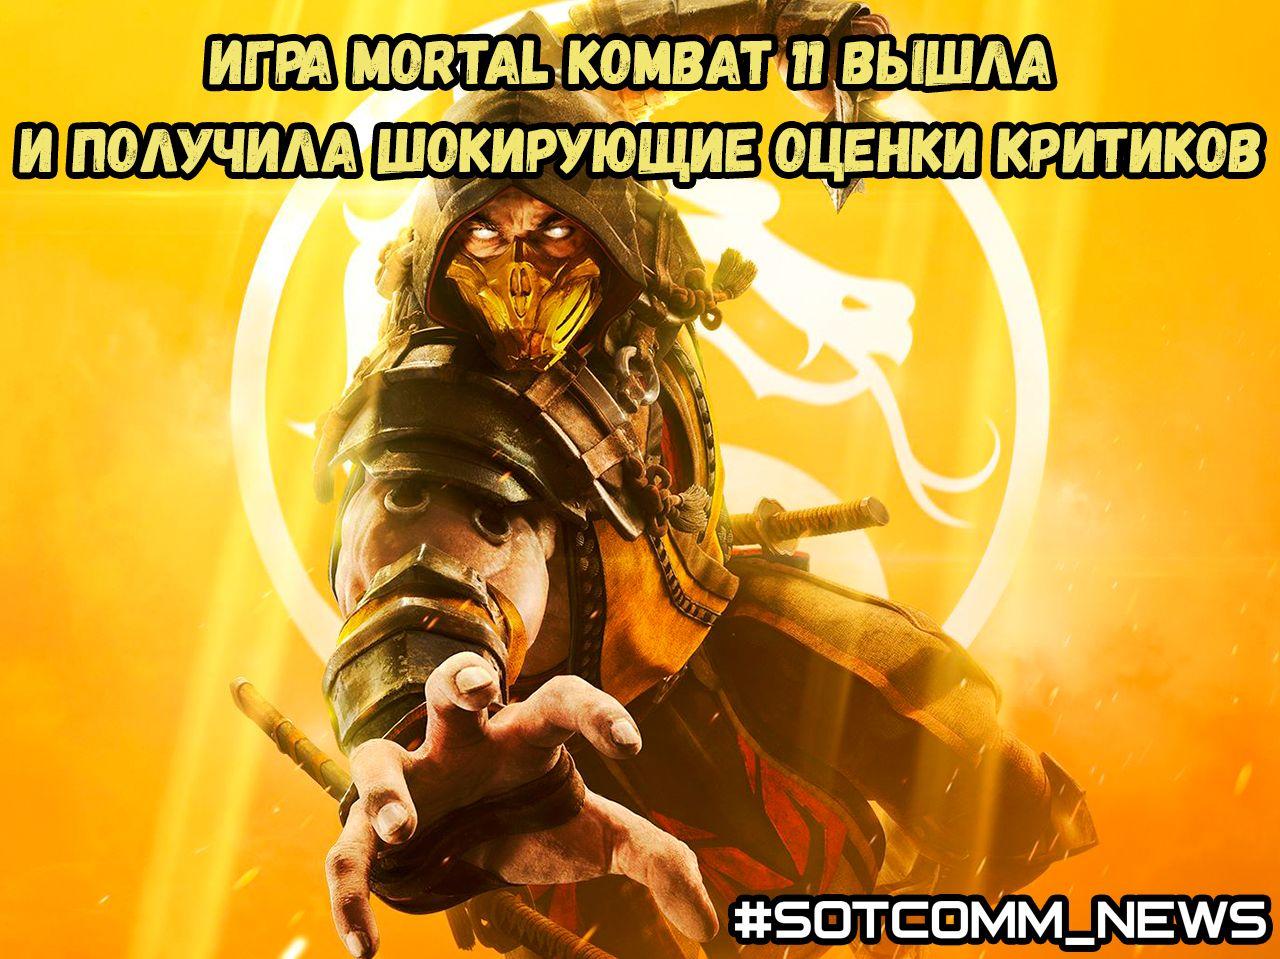 Игра Mortal Kombat 11 вышла и получила шокирующие оценки критиков